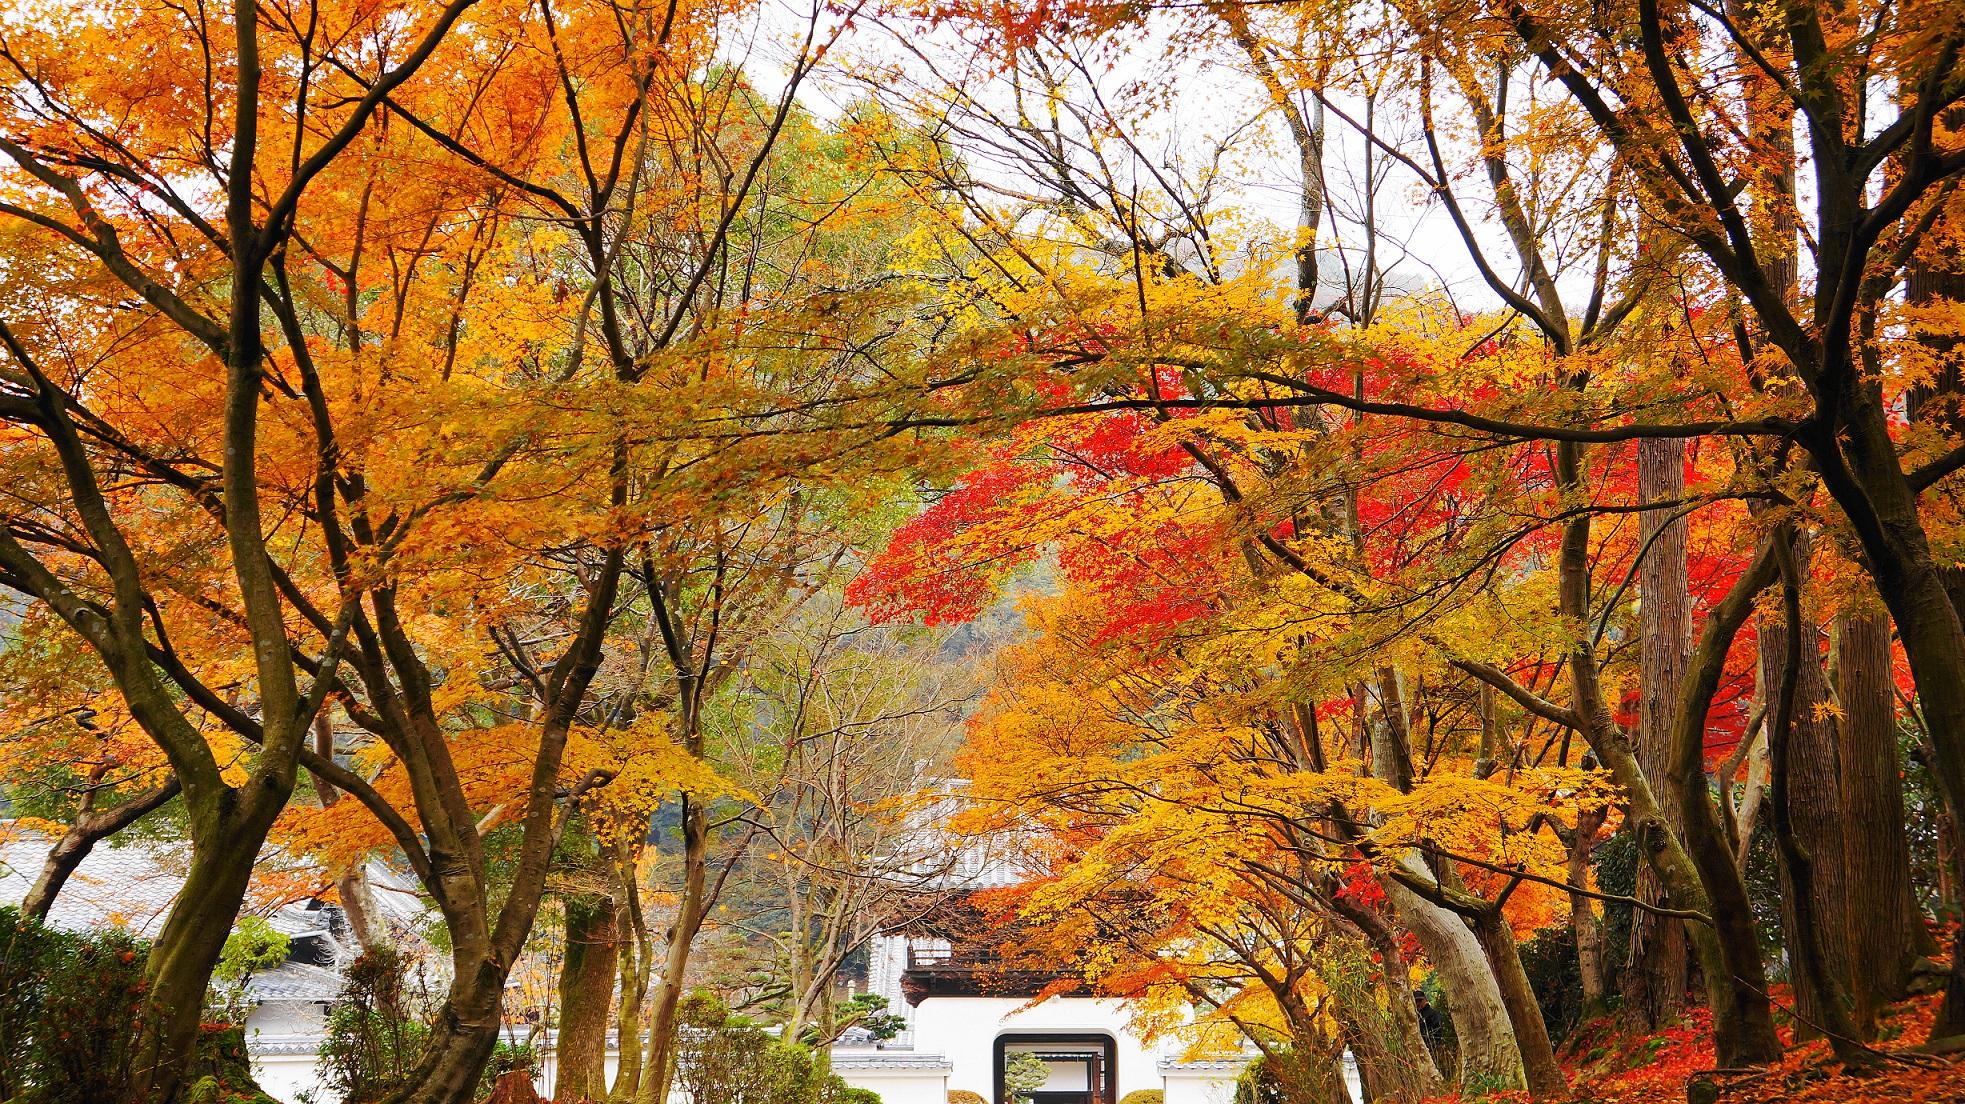 興聖寺の龍宮門に降り注ぐ色とりどりの紅葉